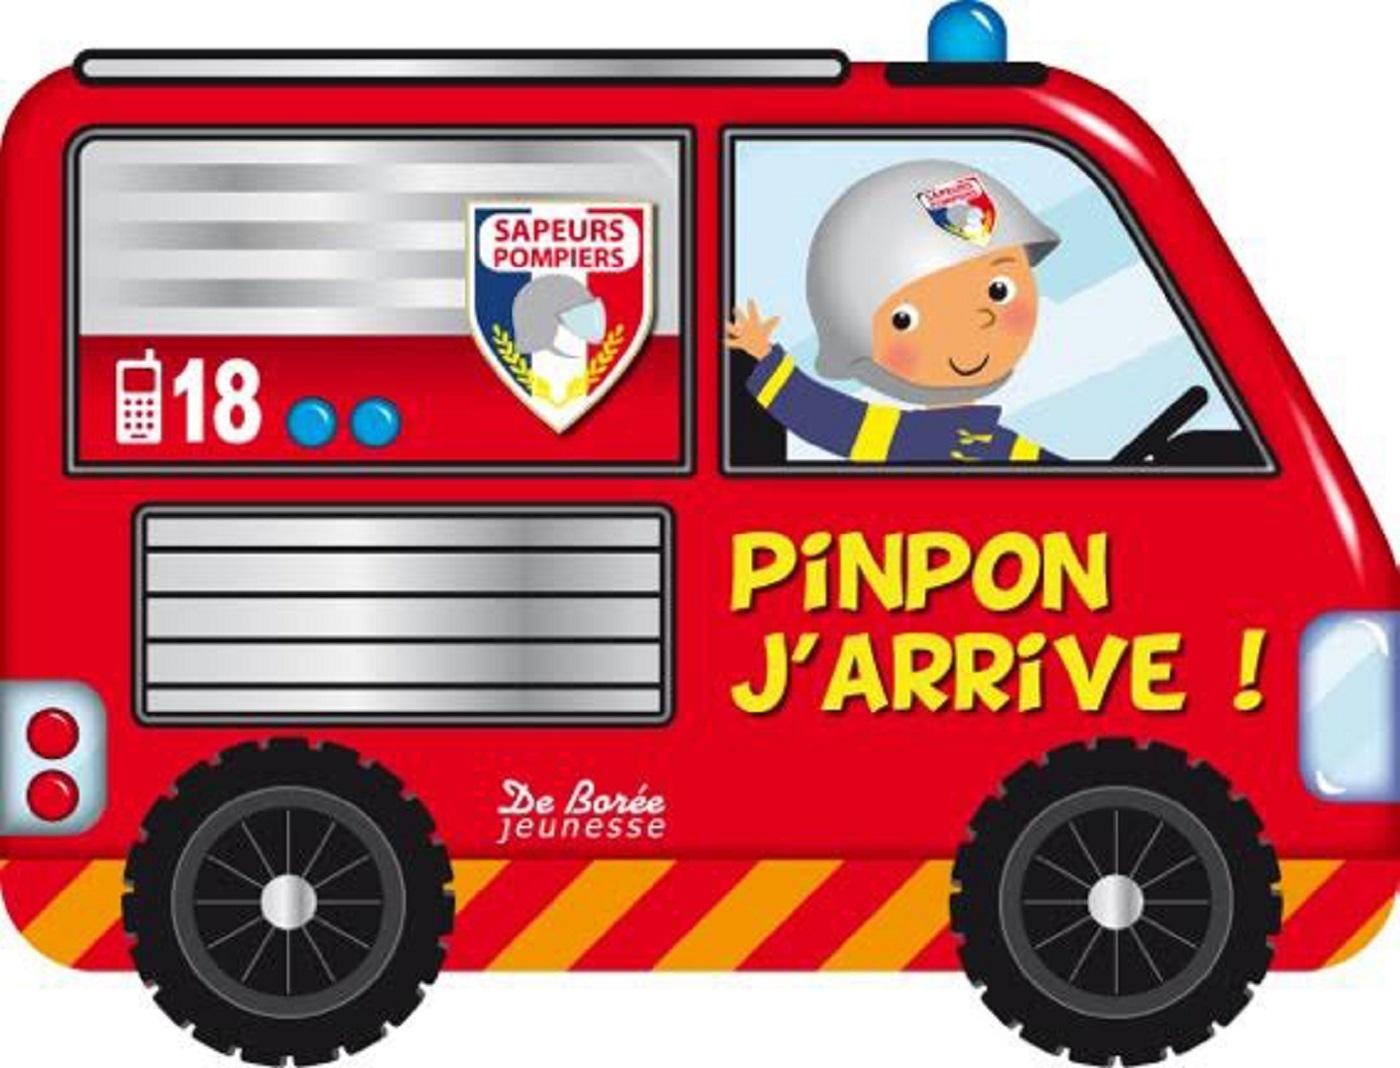 PINPON J'ARRIVE LIVRE A ROUES